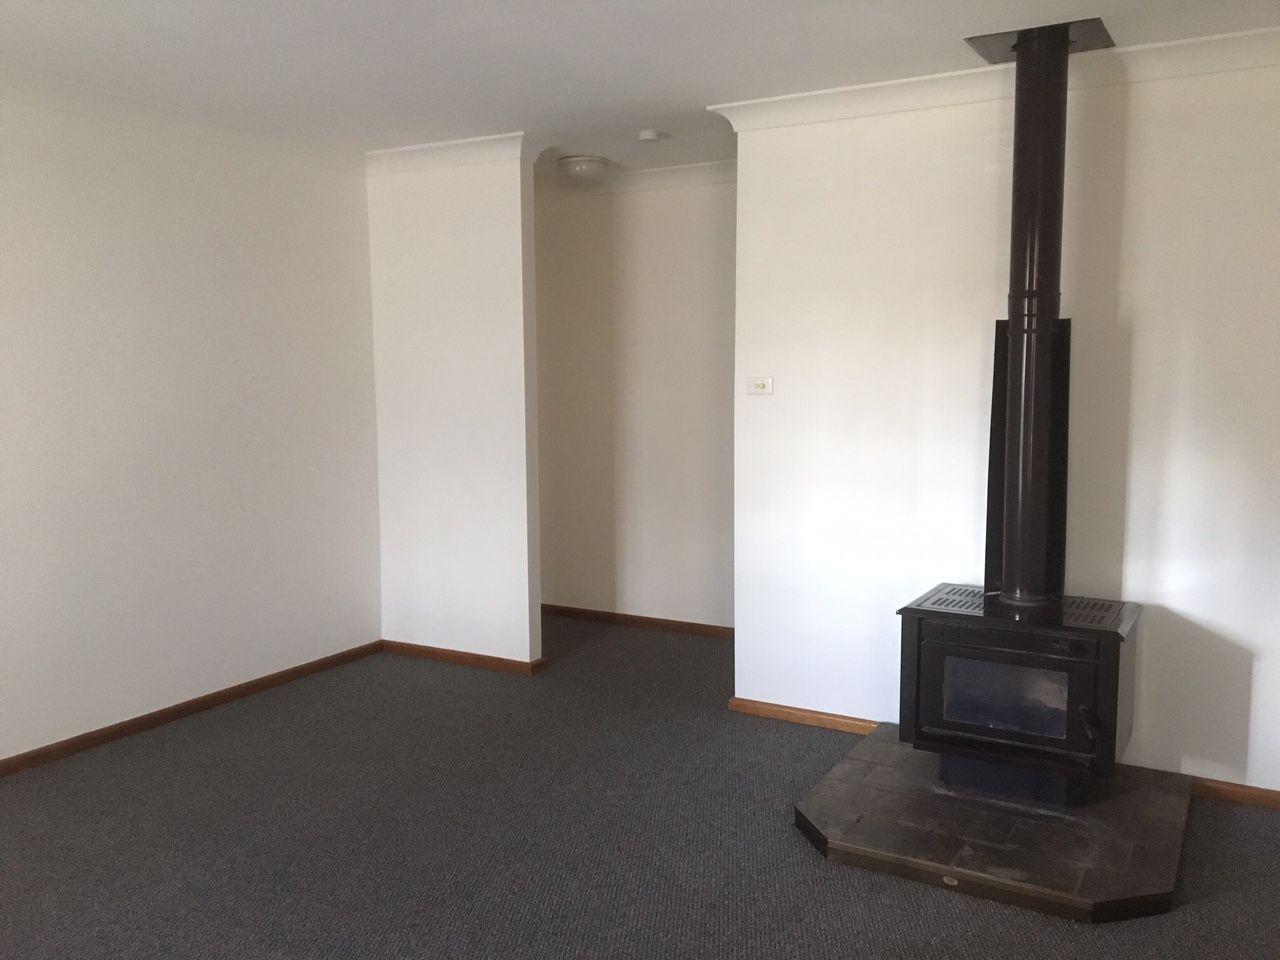 77-79 Godson Ave, Blackheath NSW 2785, Image 1